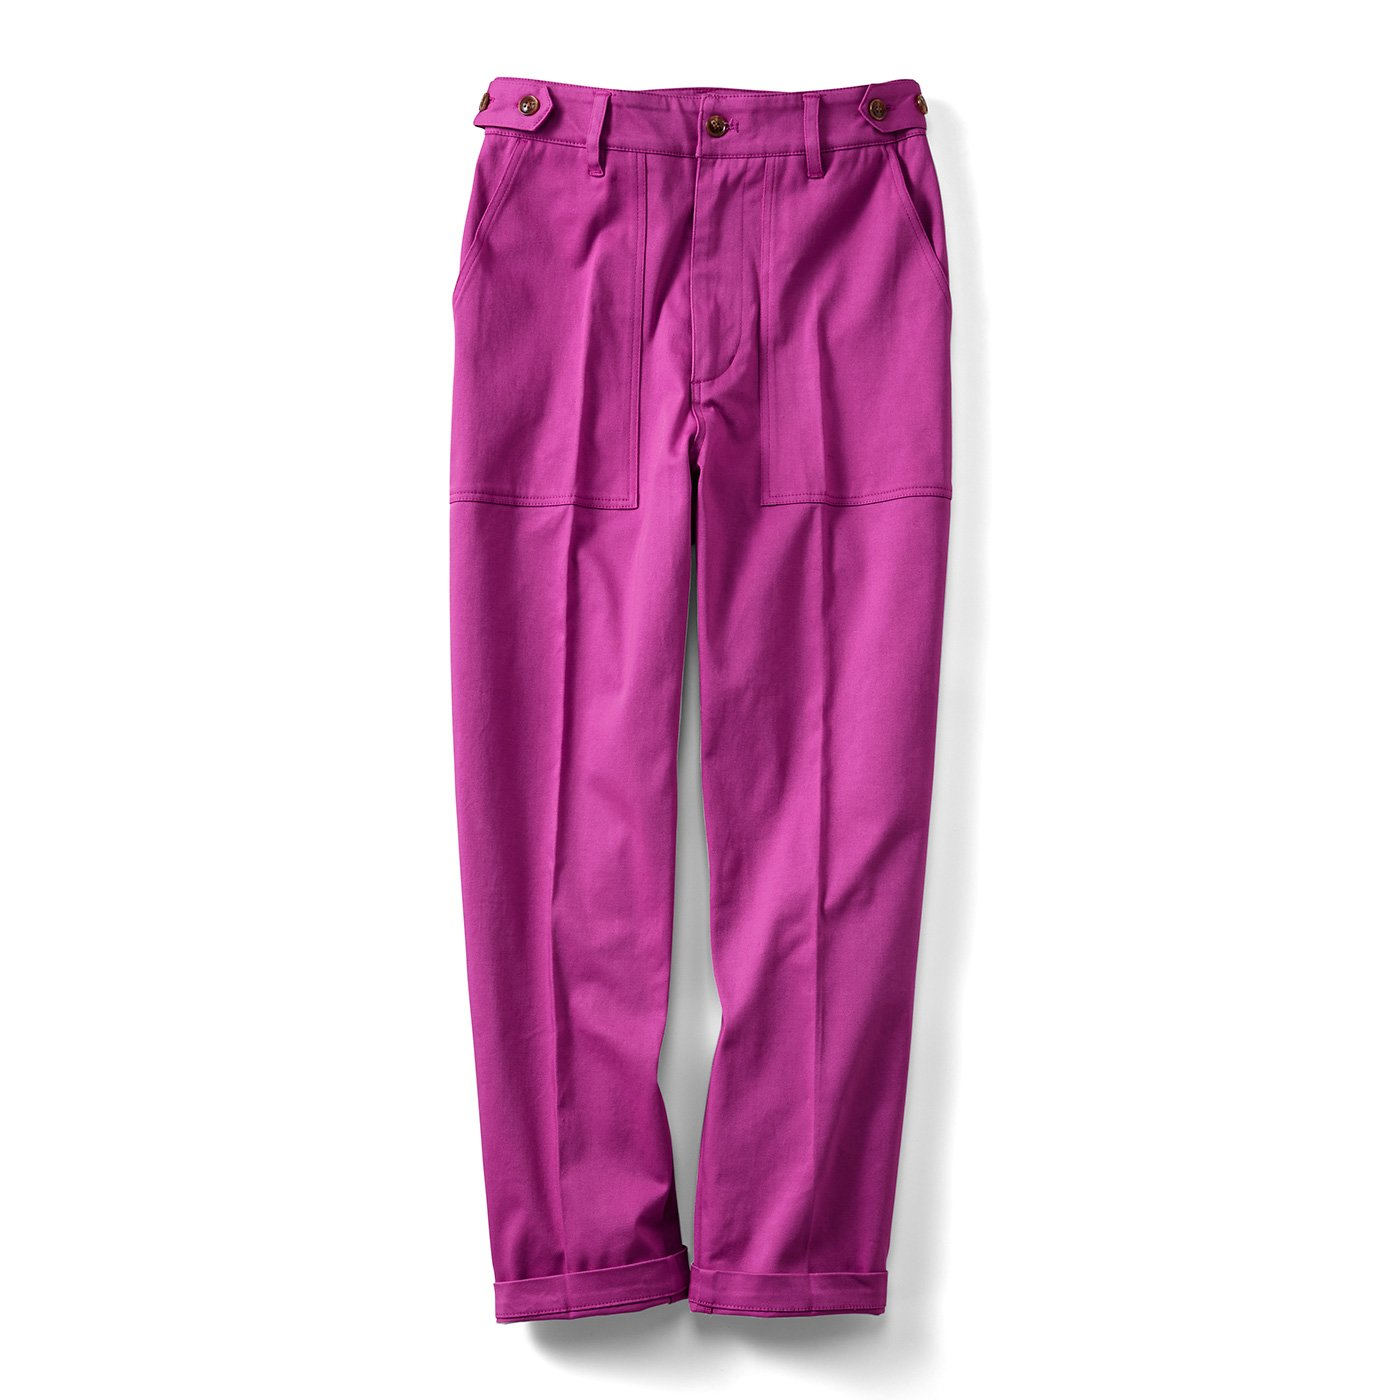 IEDIT[イディット] カラーを楽しむ ウエスト調整機能付き センタープレスのきれいめベイカーパンツ〈ピンク〉